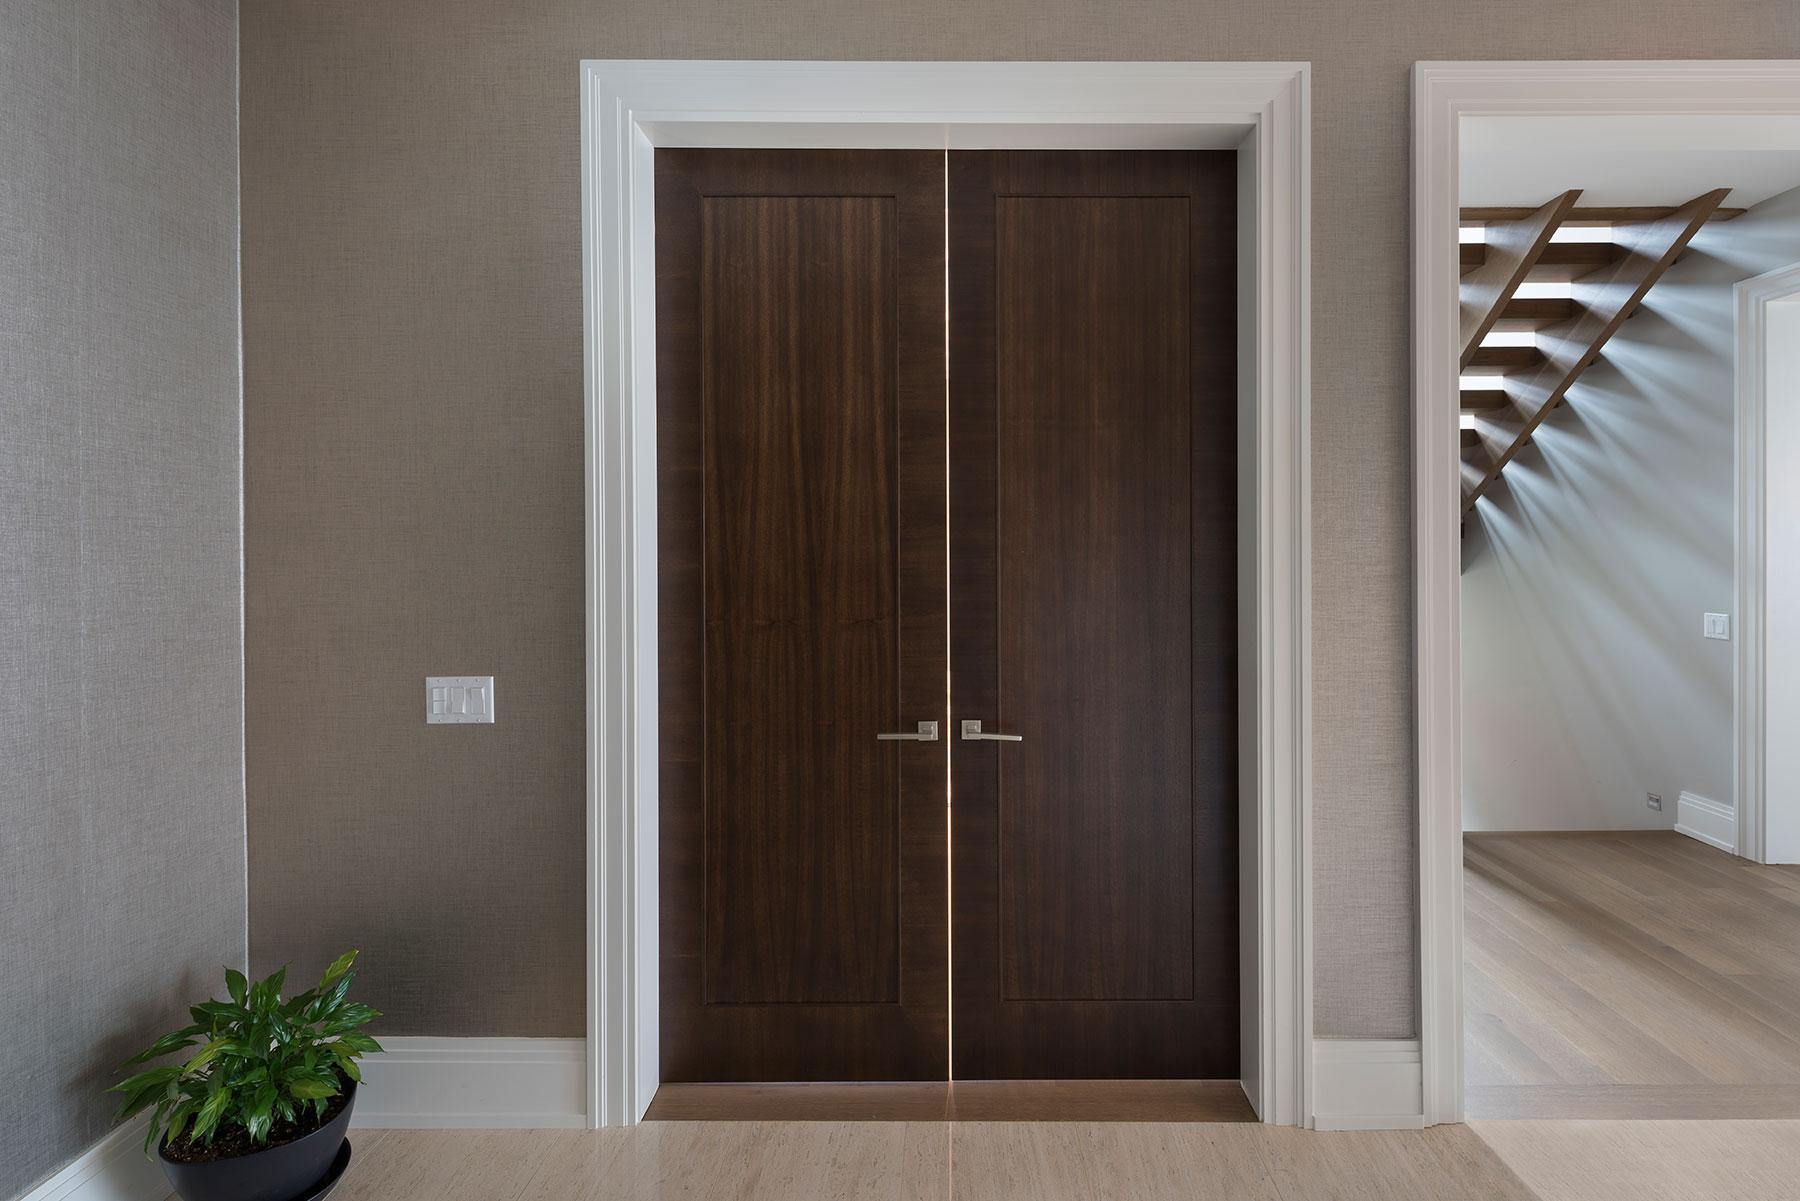 Custom Wood Interior Doors | Office Modern Door DBIM-MD1005  - Glenview Doors - Custom Doors in Chicago